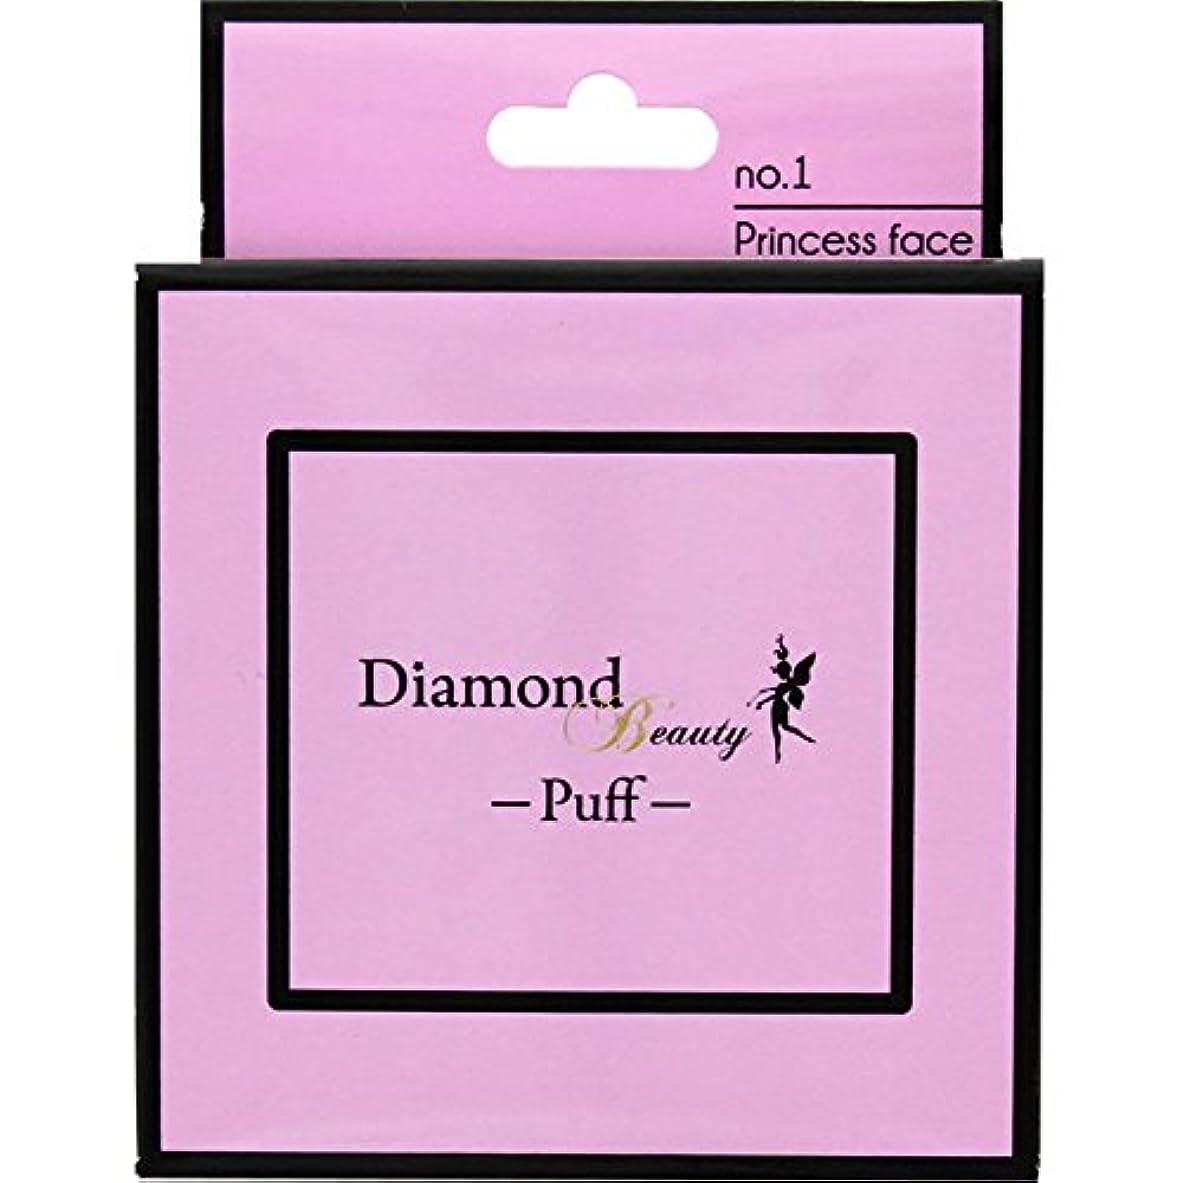 統合時計れんがダイヤモンドビューティー パフ 01 プリンセスフェイス